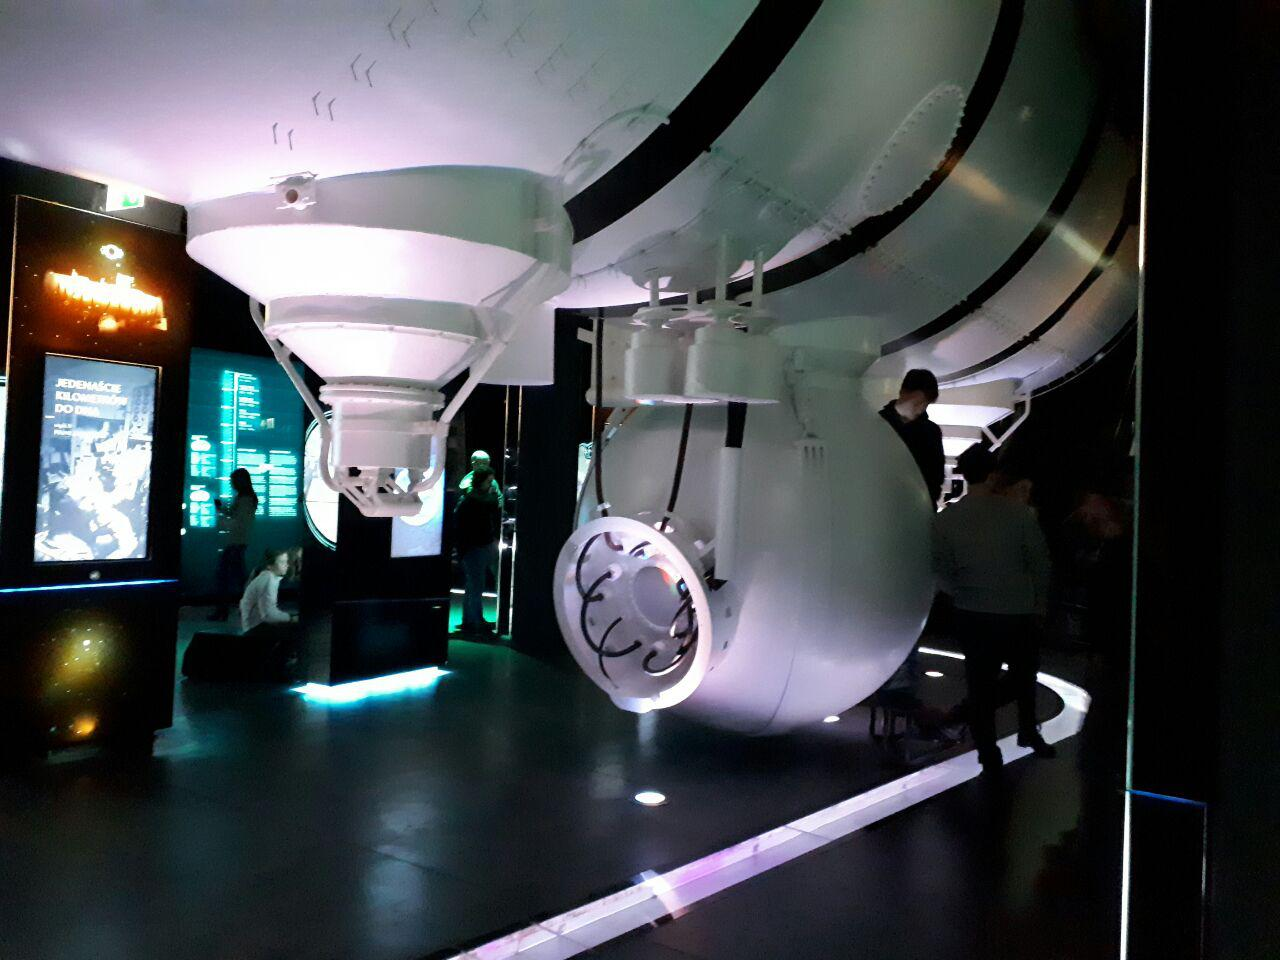 شبیهسازی زیردریایی که همه را به سمت خودش جذب میکرد.